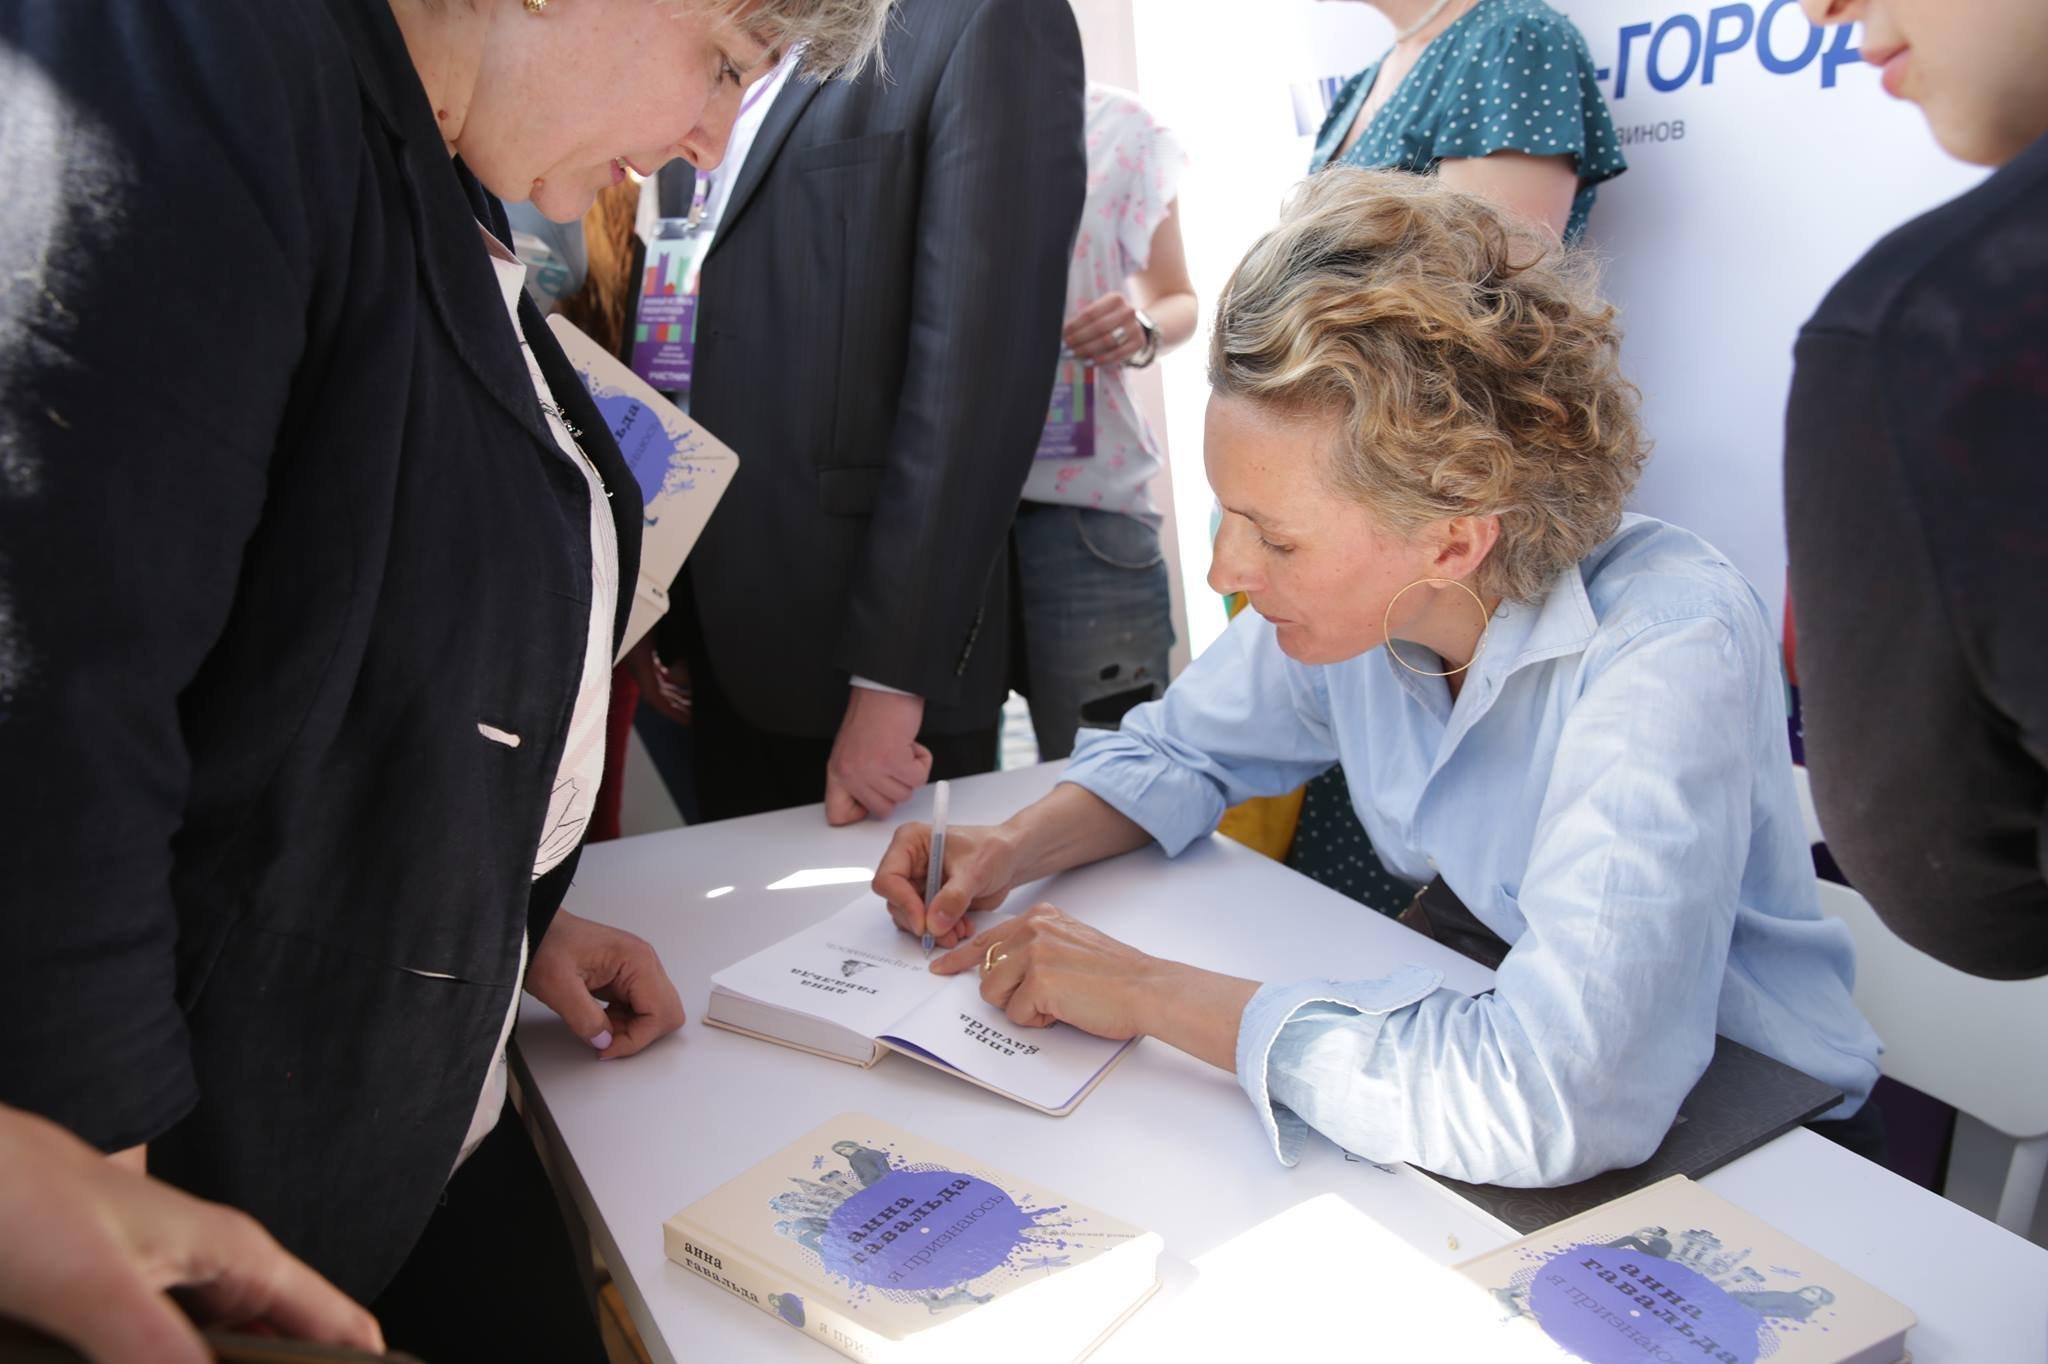 Anna Gavalda lors d'une séance de dédicace au Festival du livre de la Place Rouge à Moscou à l'occasion de la sortie de son roman Fendre l'armure en Russie